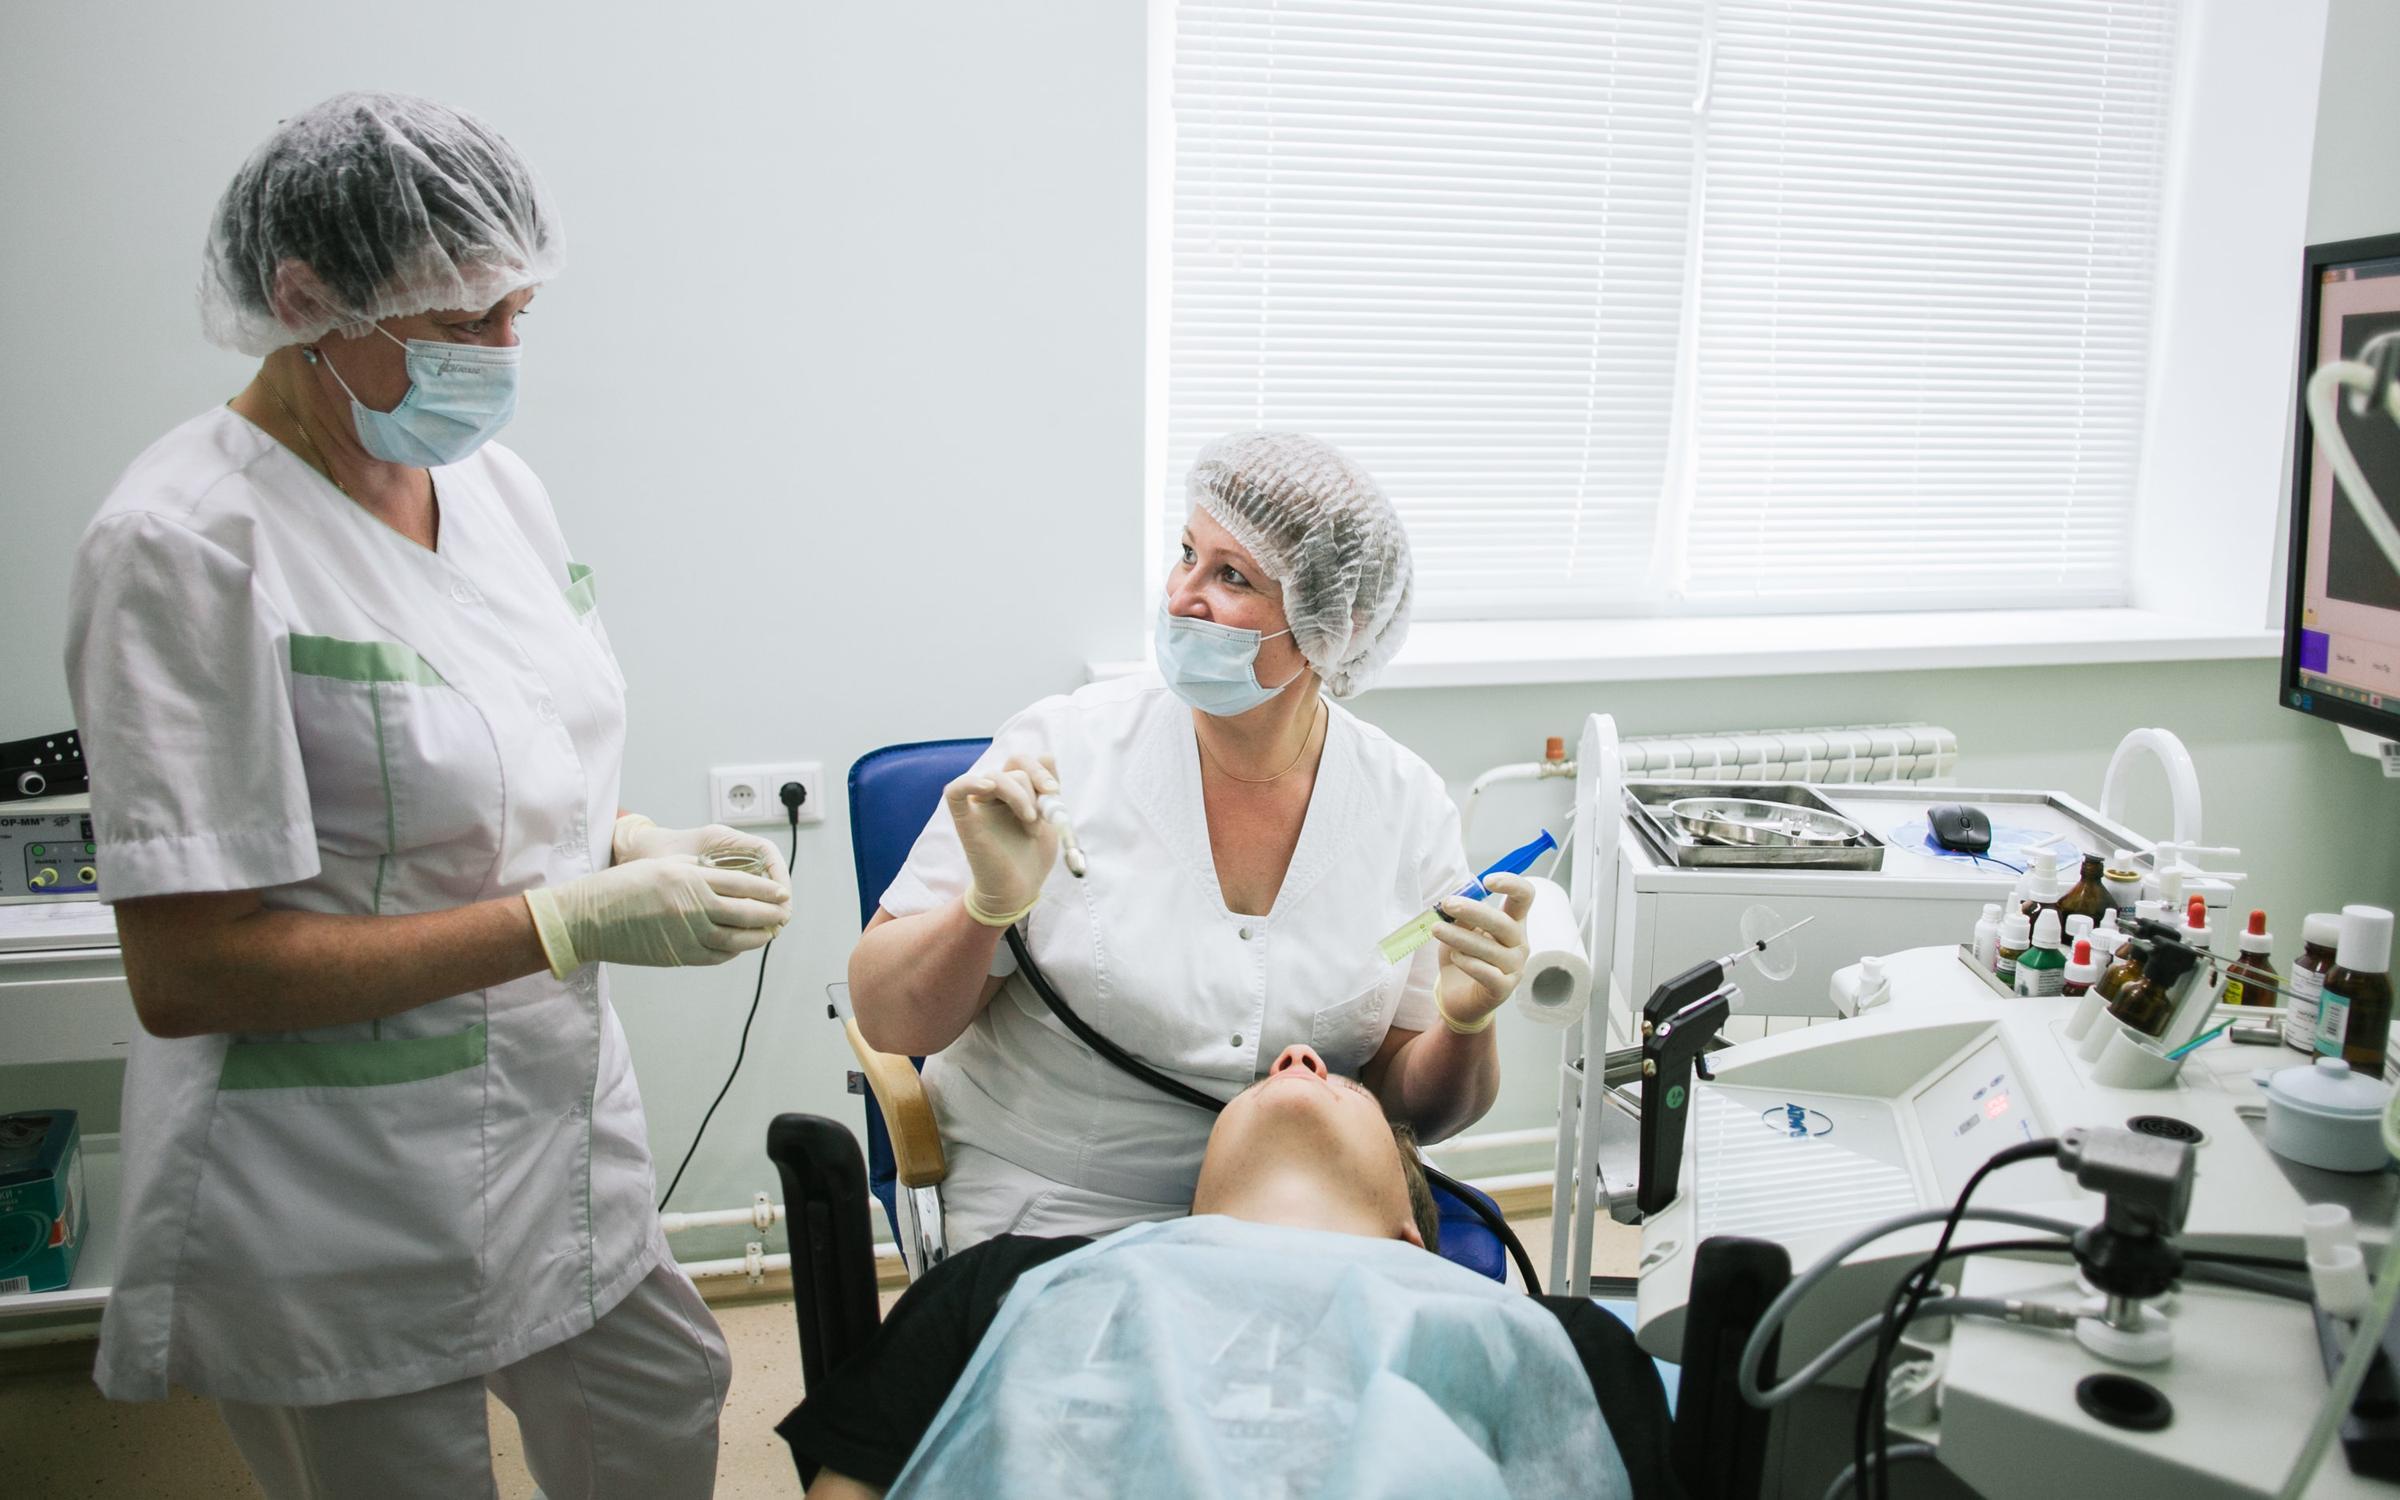 Узи тазобедренных суставов сделать в екатеринбурге как лечить артроз плечевого сустава медикаментозное лечение